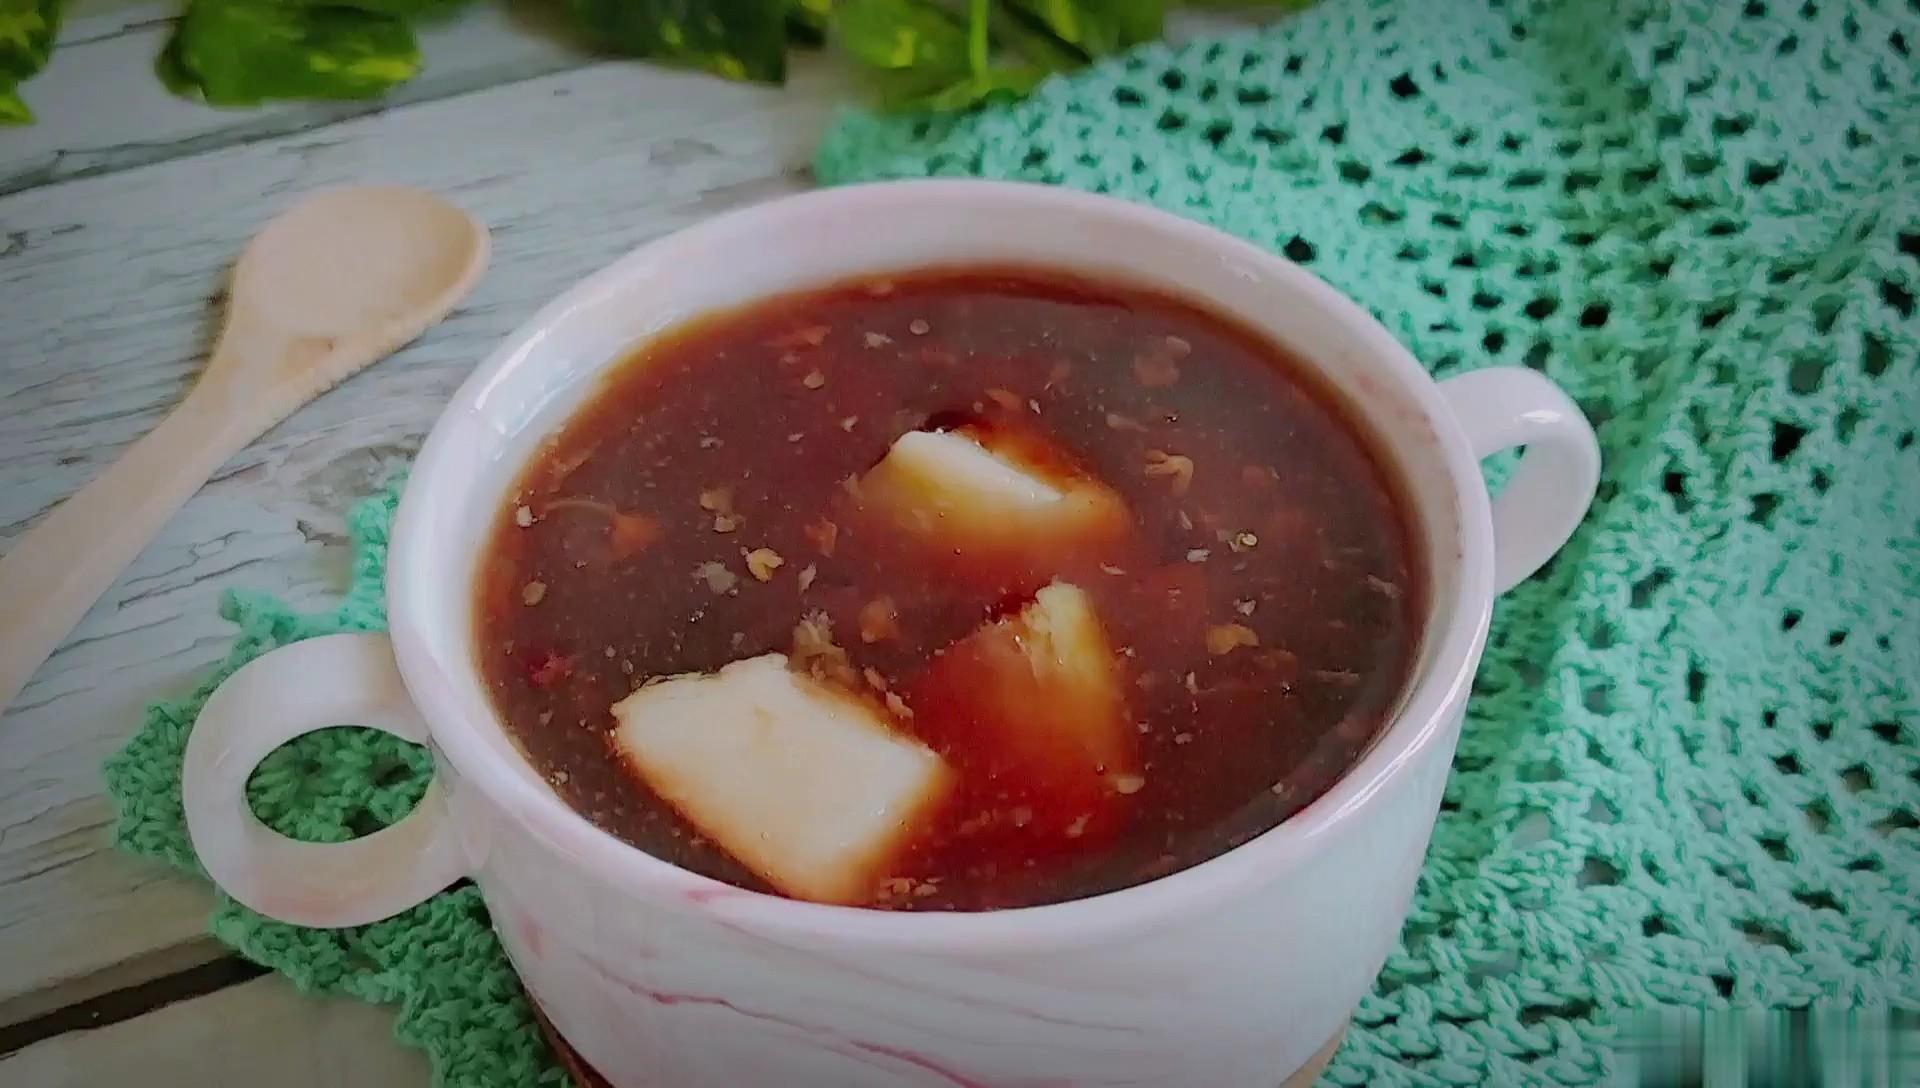 #冬至大如年#冬至以后女人要多喝这碗补血养颜汤~桂花糖芋头